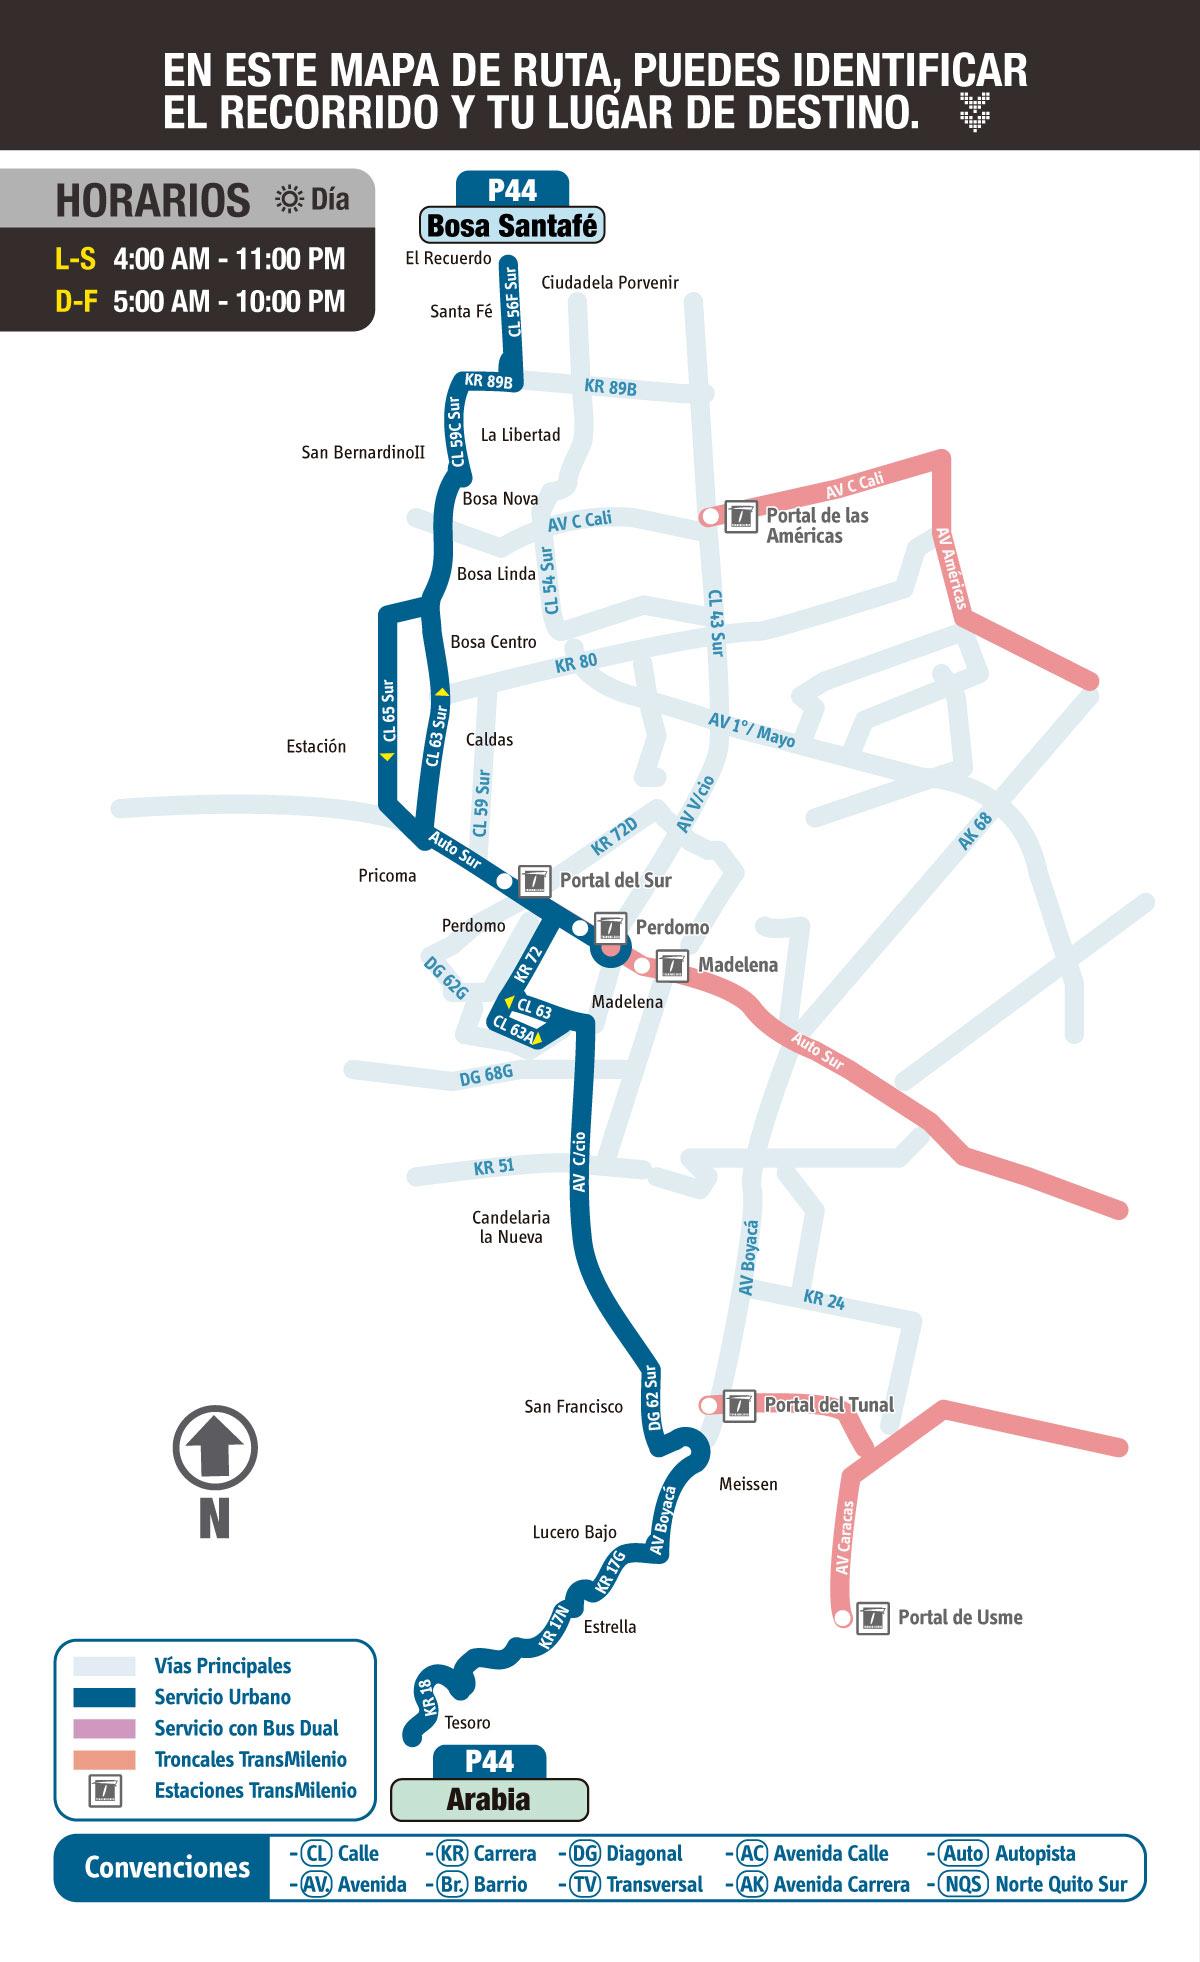 Mapa esquemático ruta urbana P44